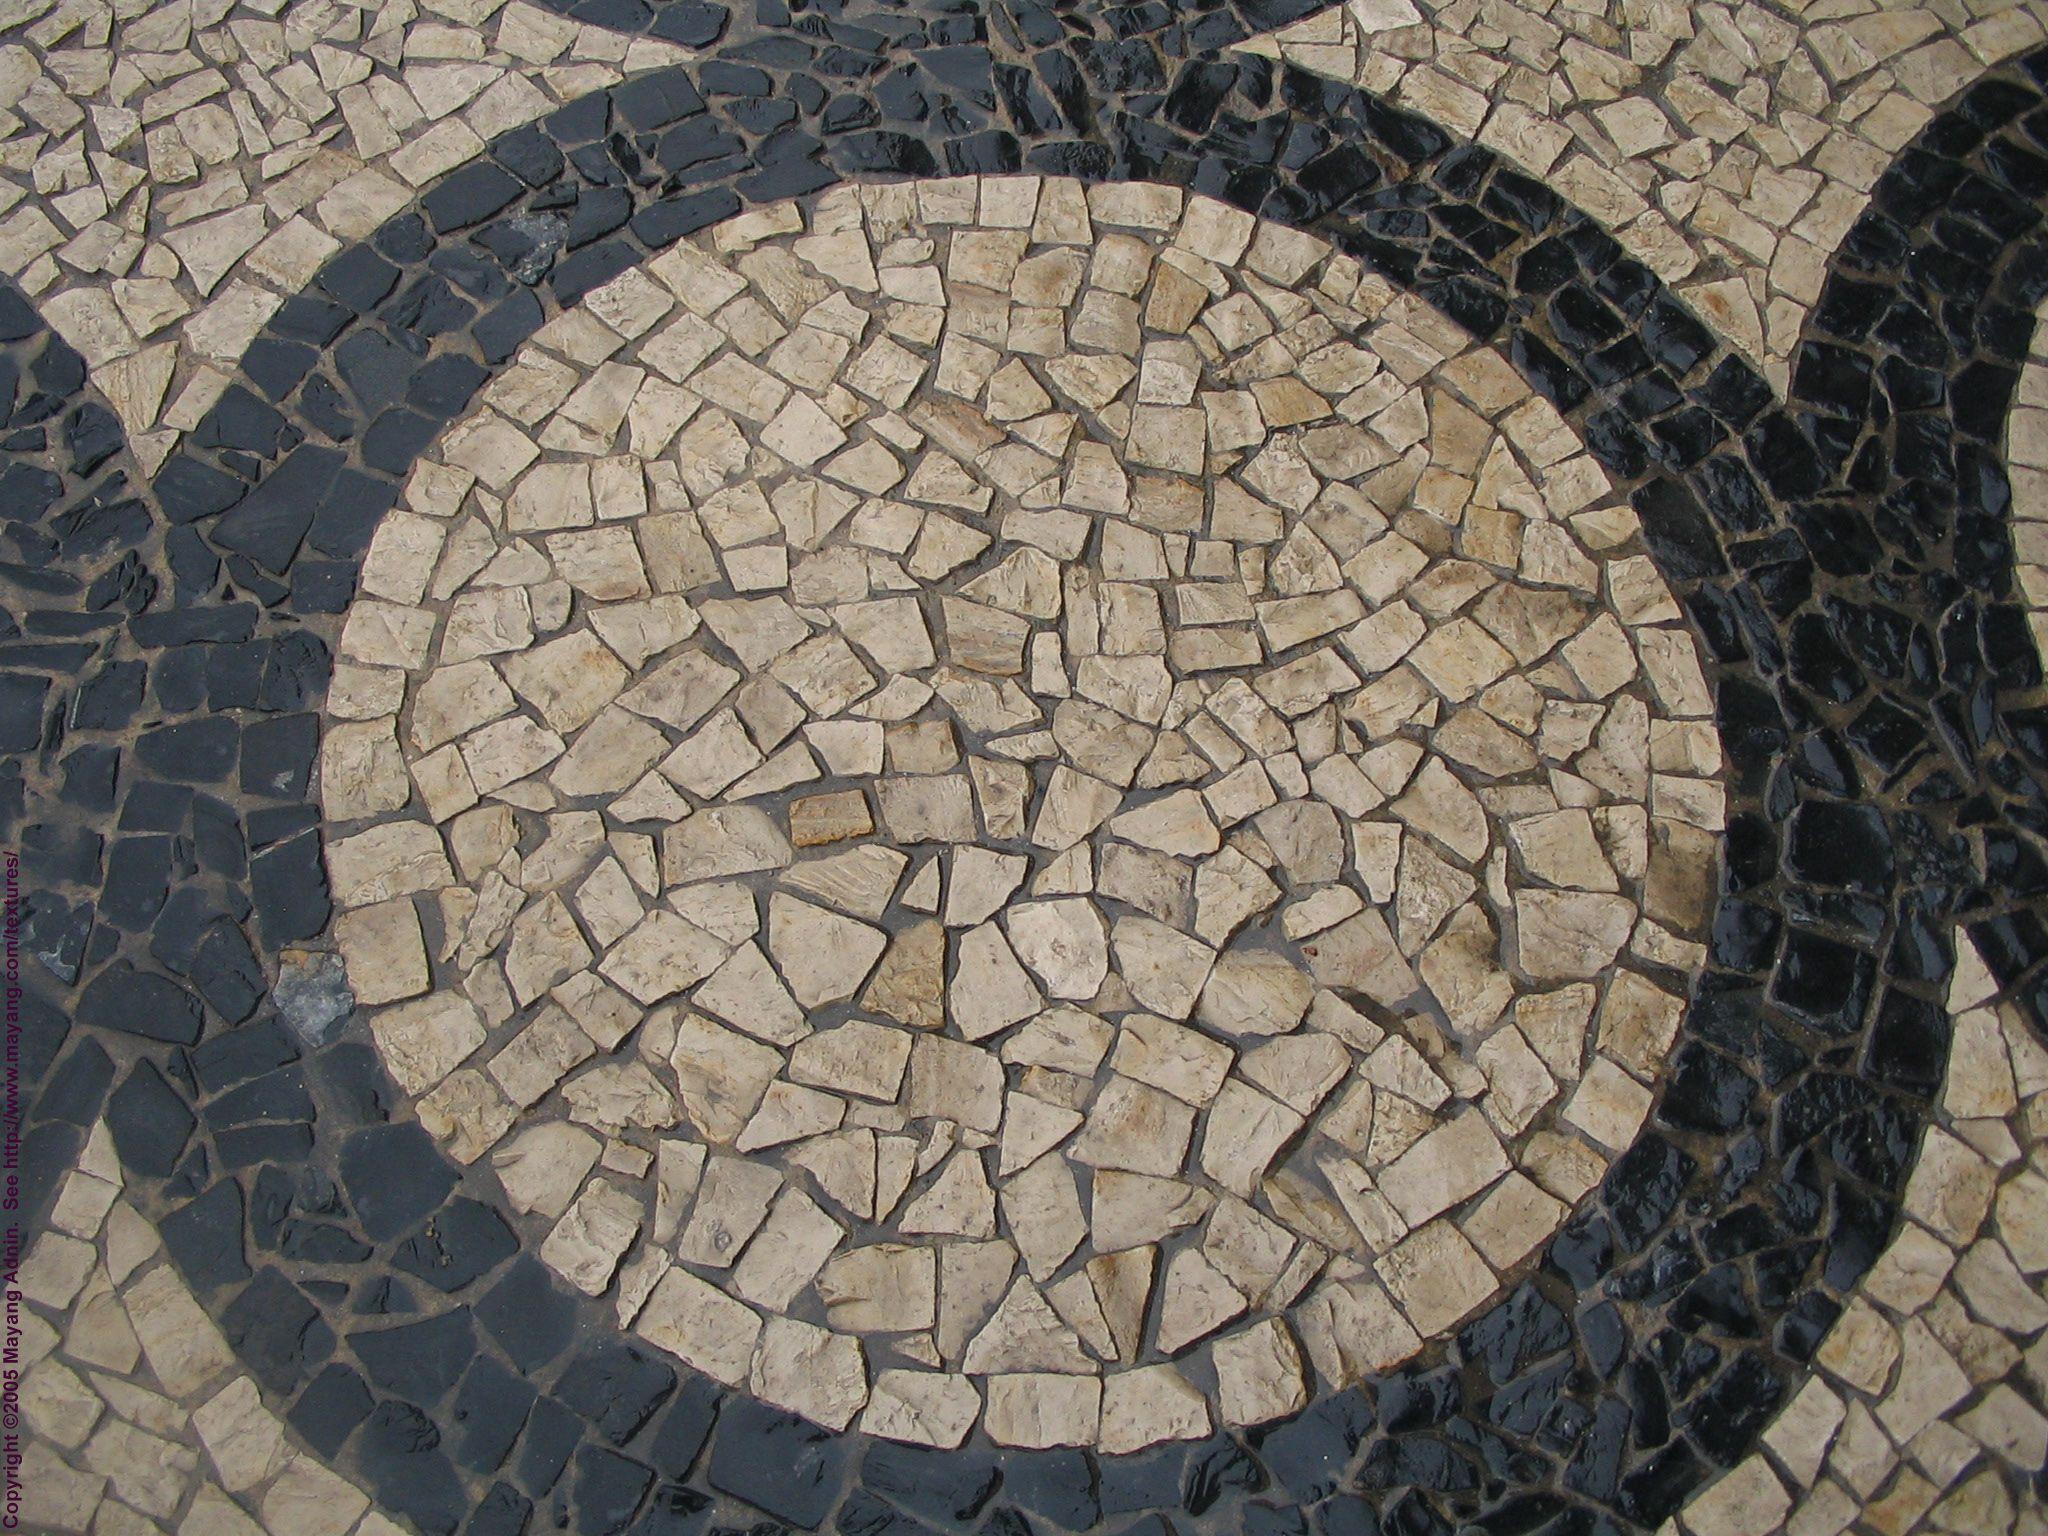 cobblestone floor texture. Patterned Cobble Stone Cobblestone Floor Texture U